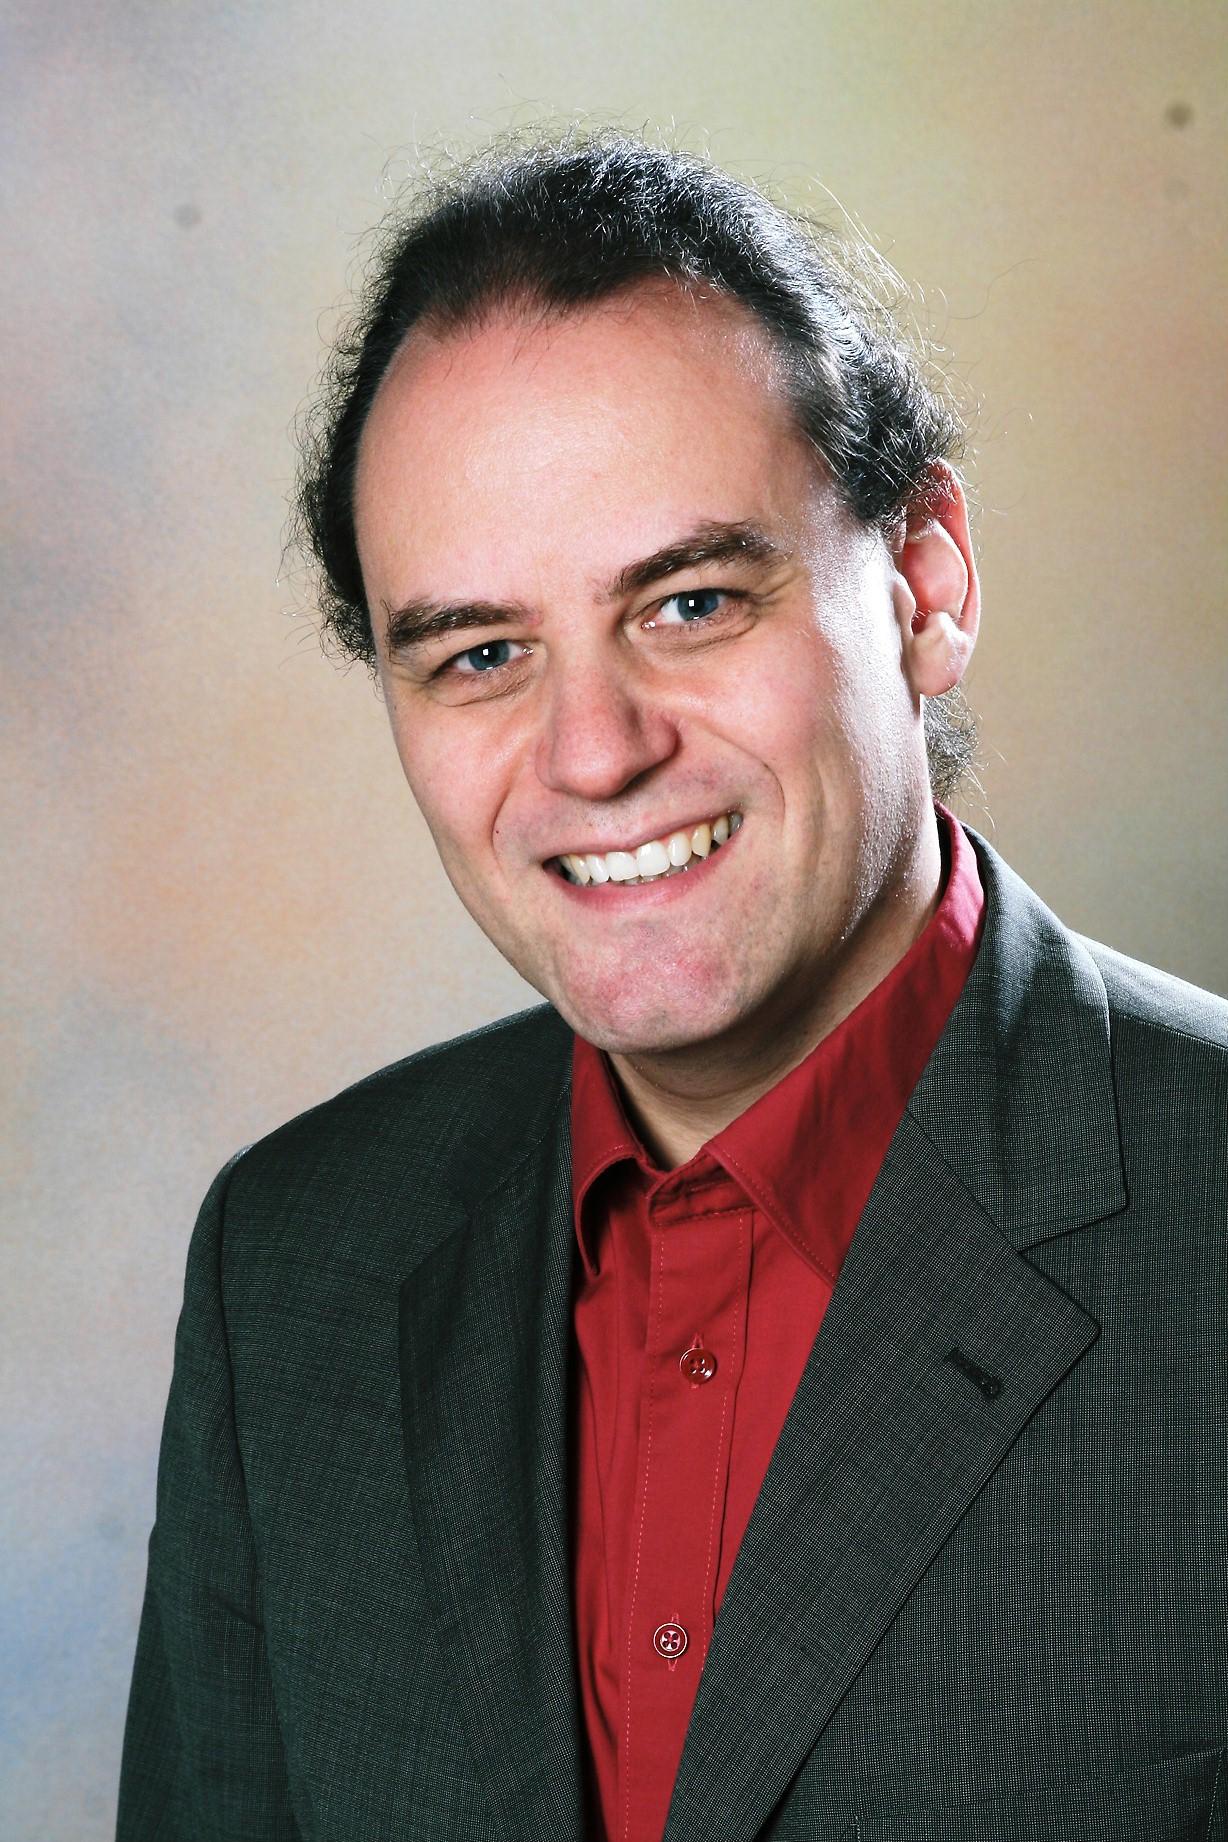 Frank Kugler